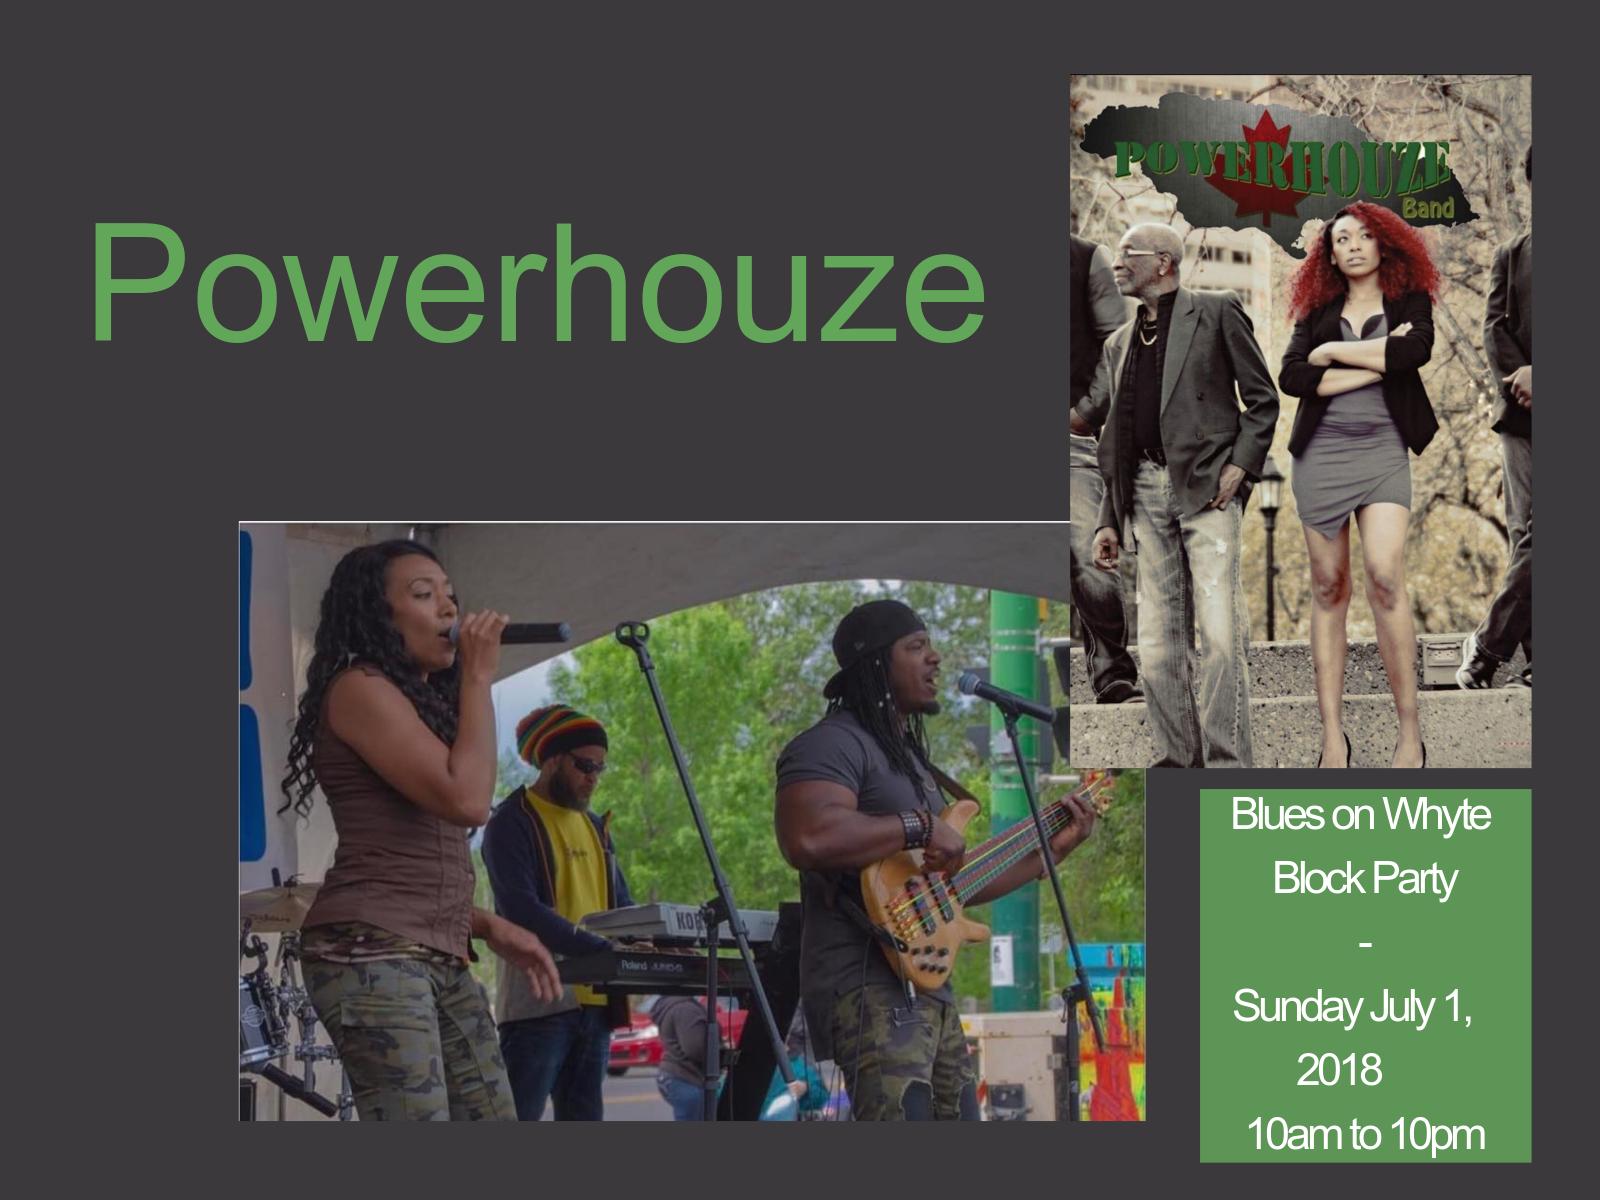 powerhouzefestival2018 (2).jpg